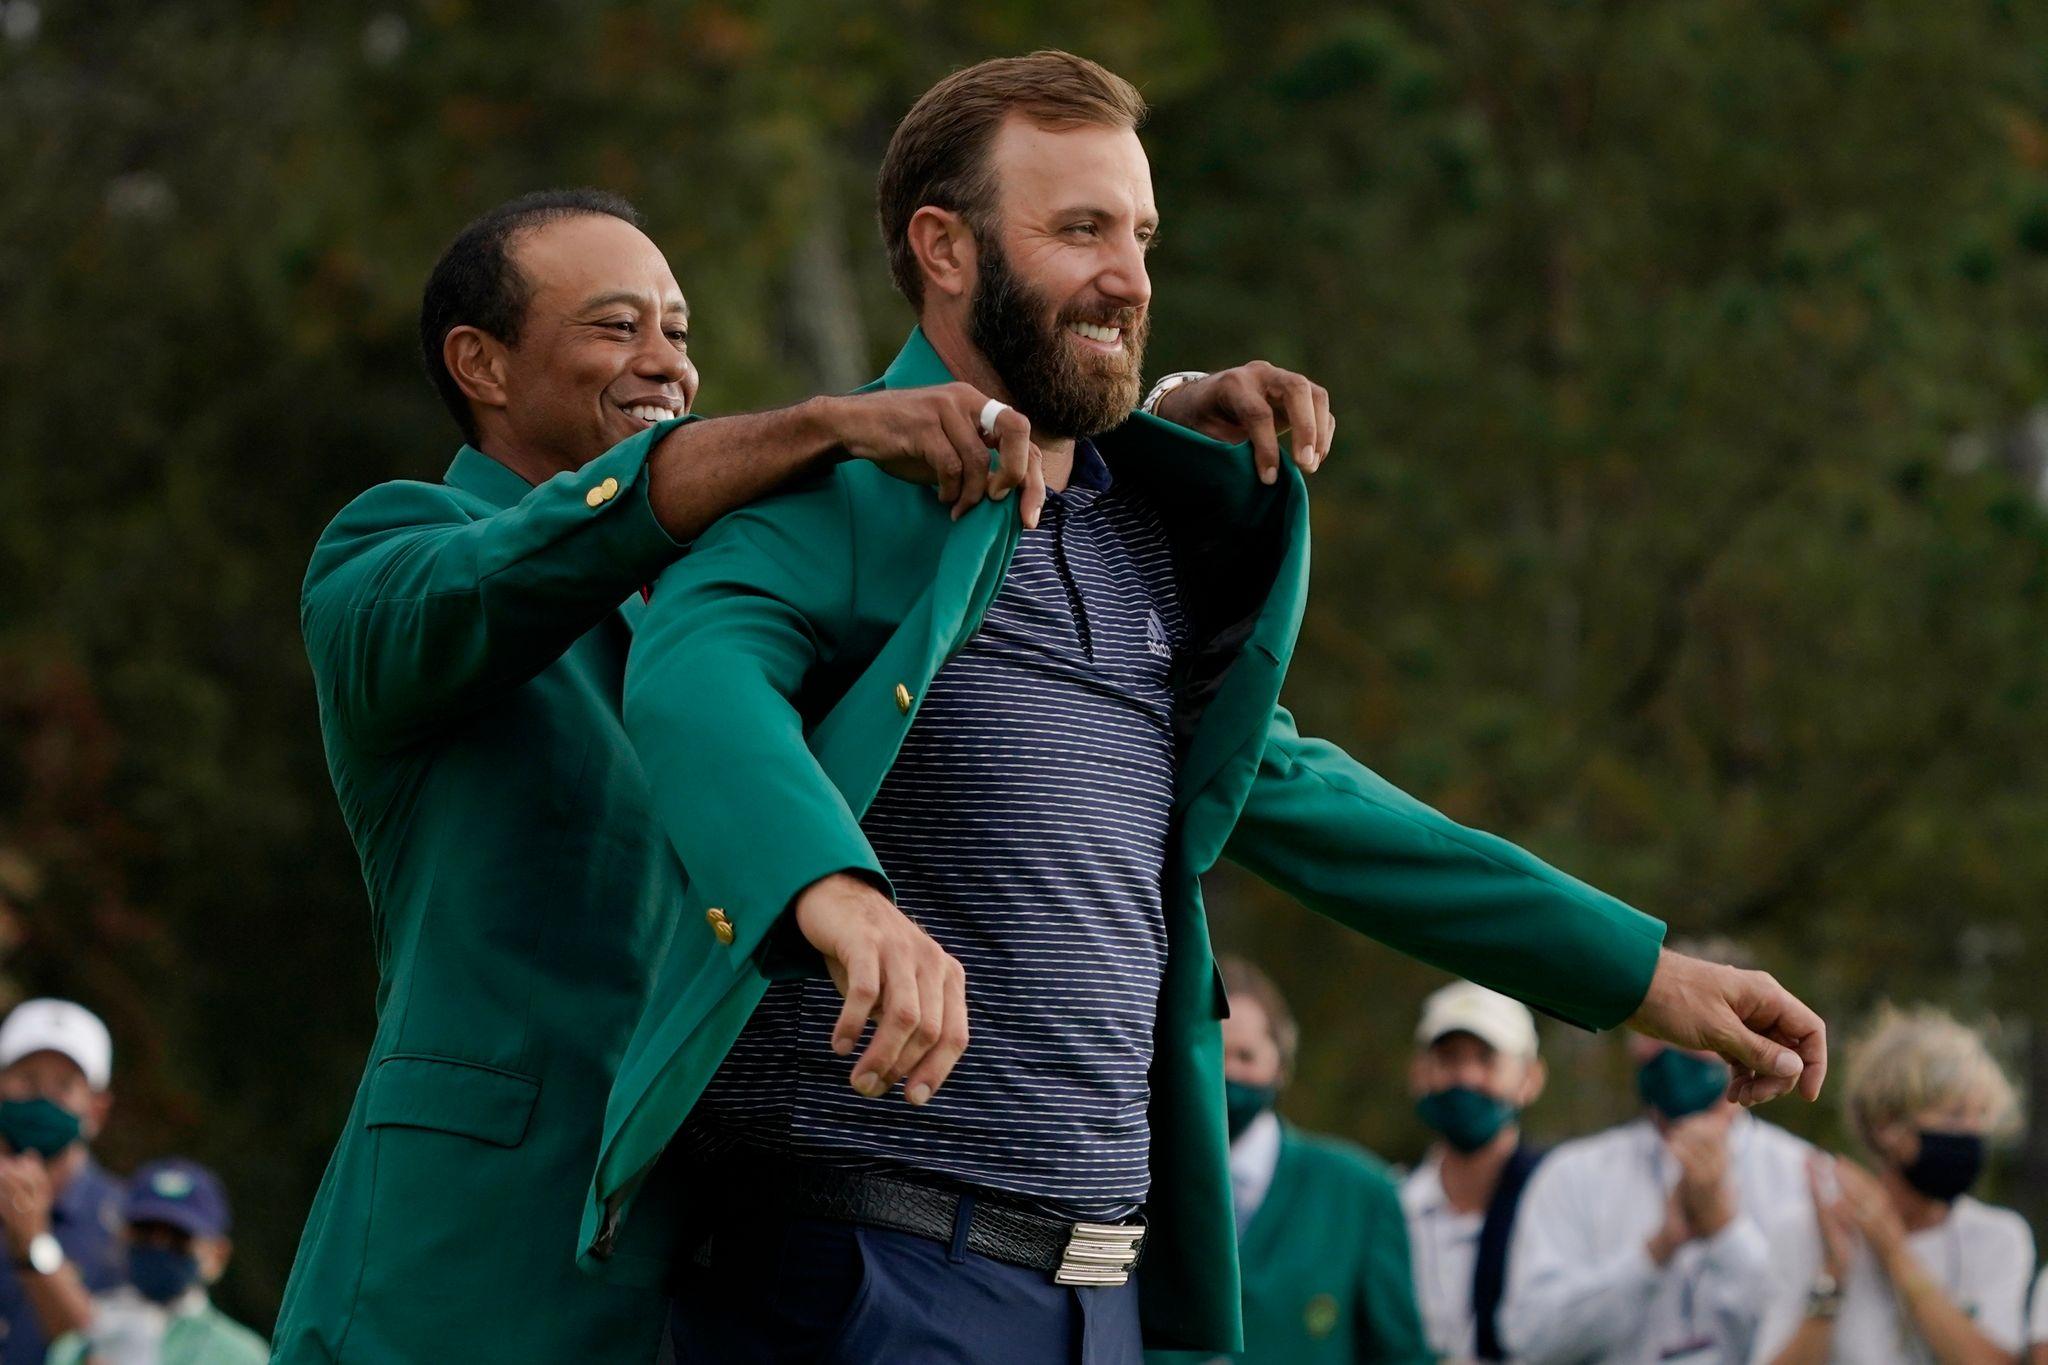 Masters-Champion Johnson wird im grünen Jackett emotional